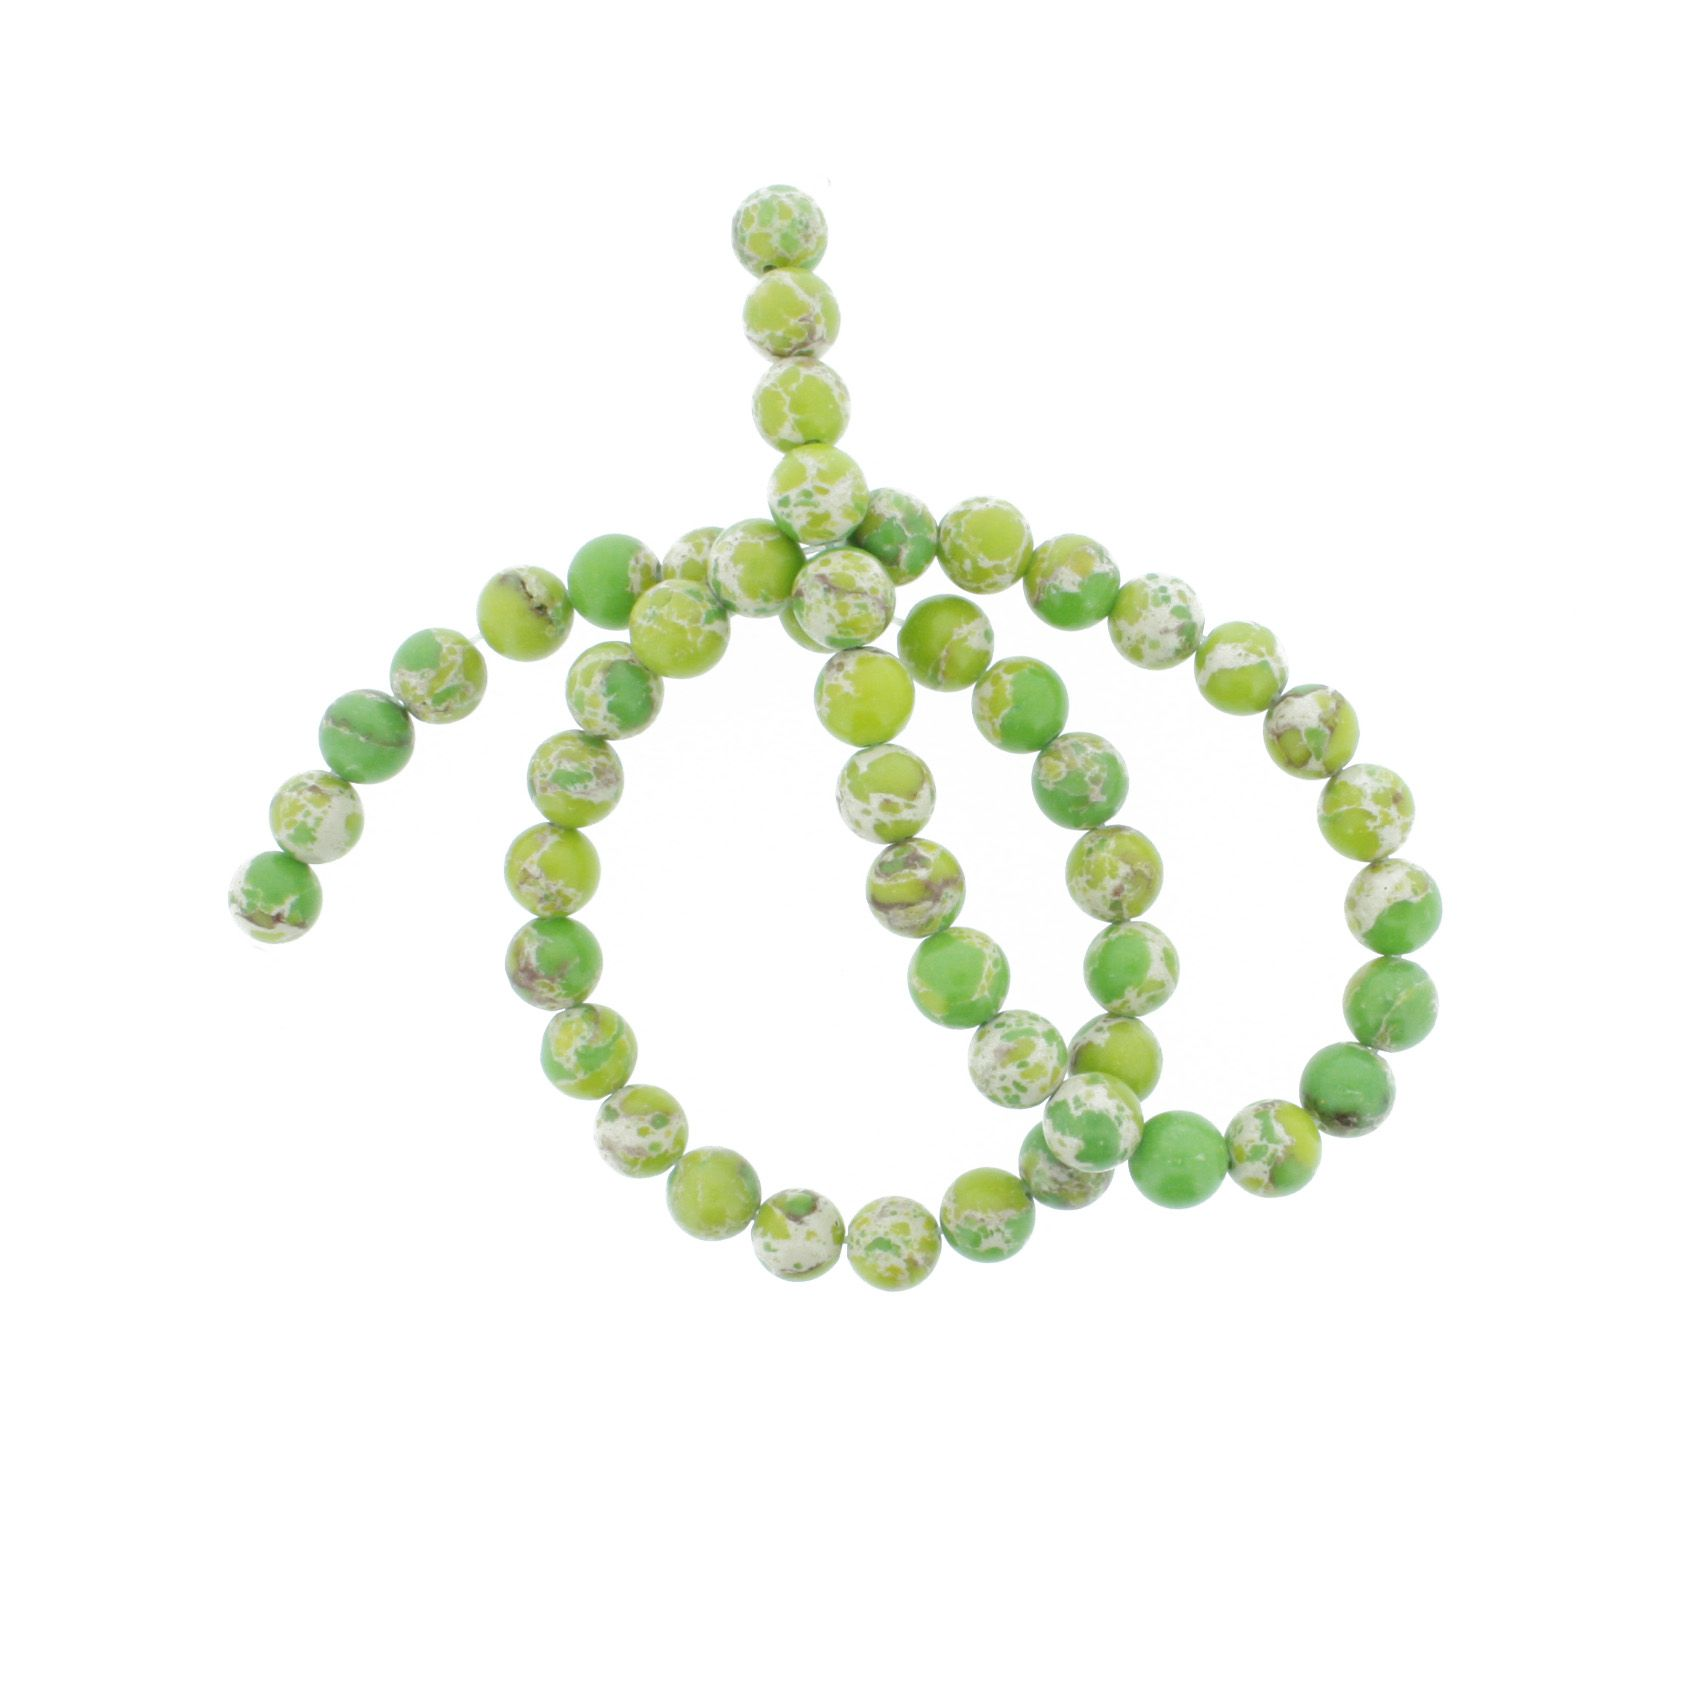 Fio de Pedra - Pietra® - Jaspe Imperial Verde - 8mm  - Universo Religioso® - Artigos de Umbanda e Candomblé